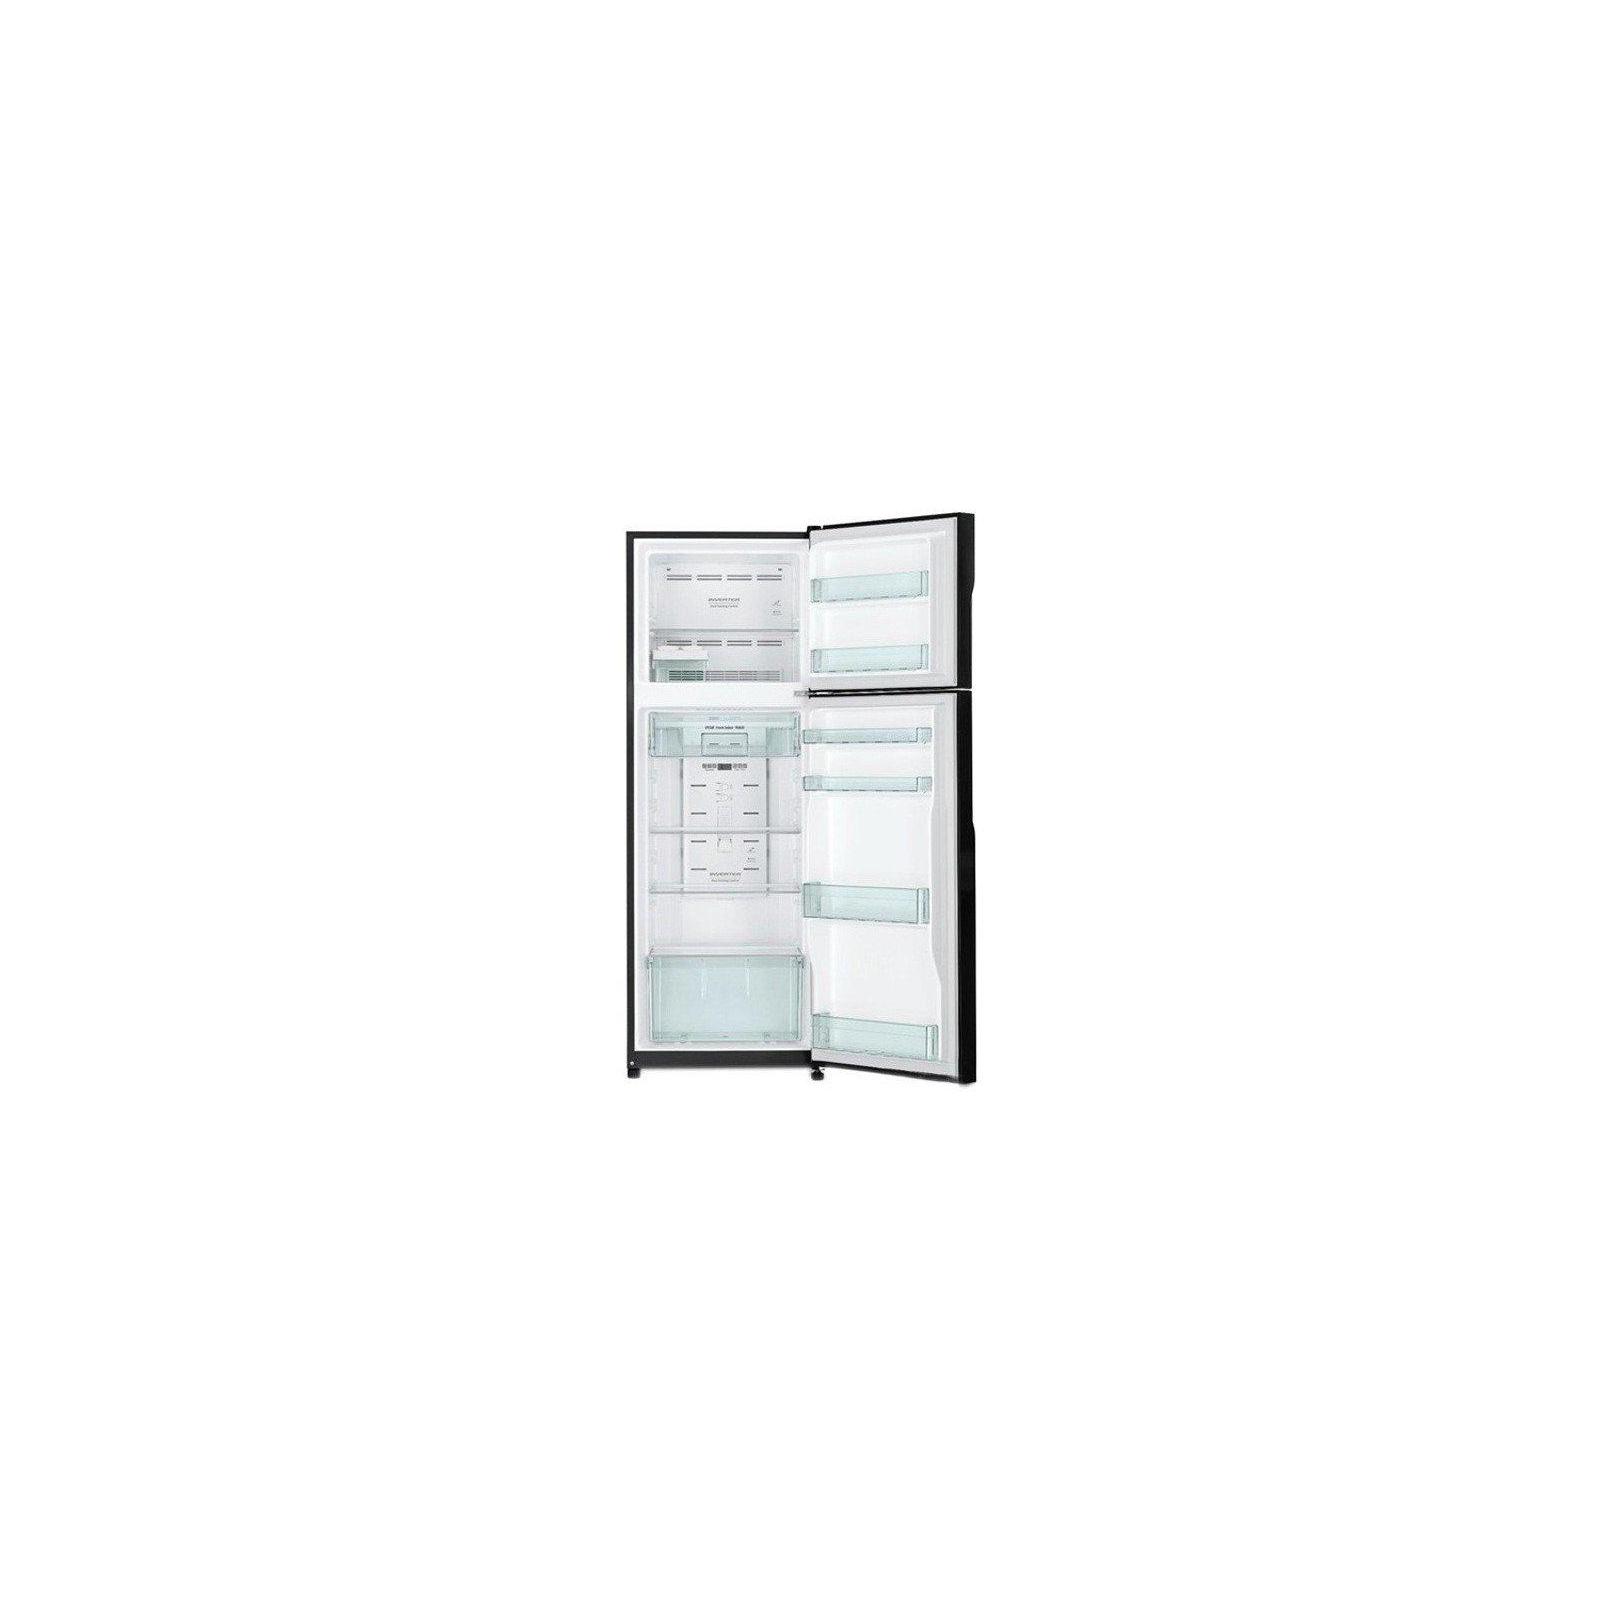 Холодильник Hitachi R-H330PUC7BBK изображение 3